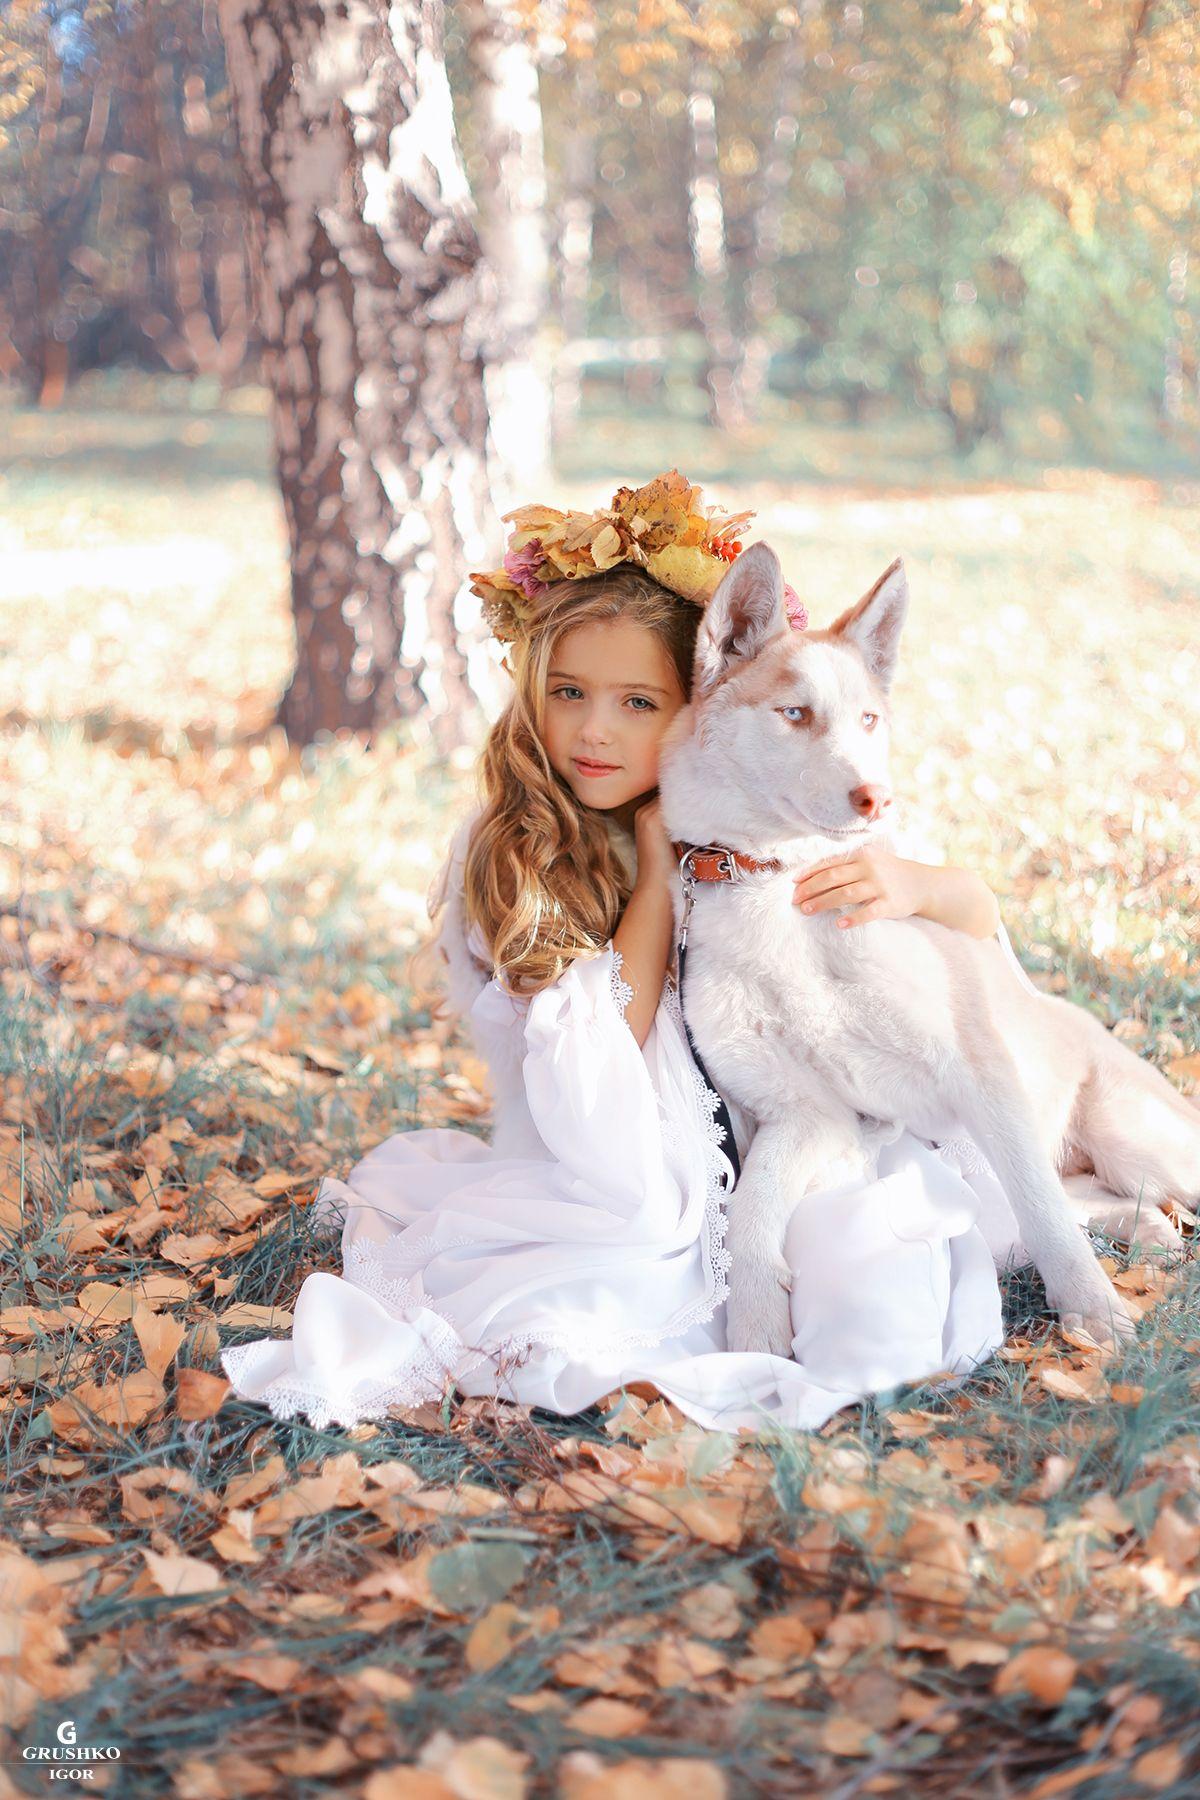 Little Girl by Vayne17.deviantart.com on @DeviantArt